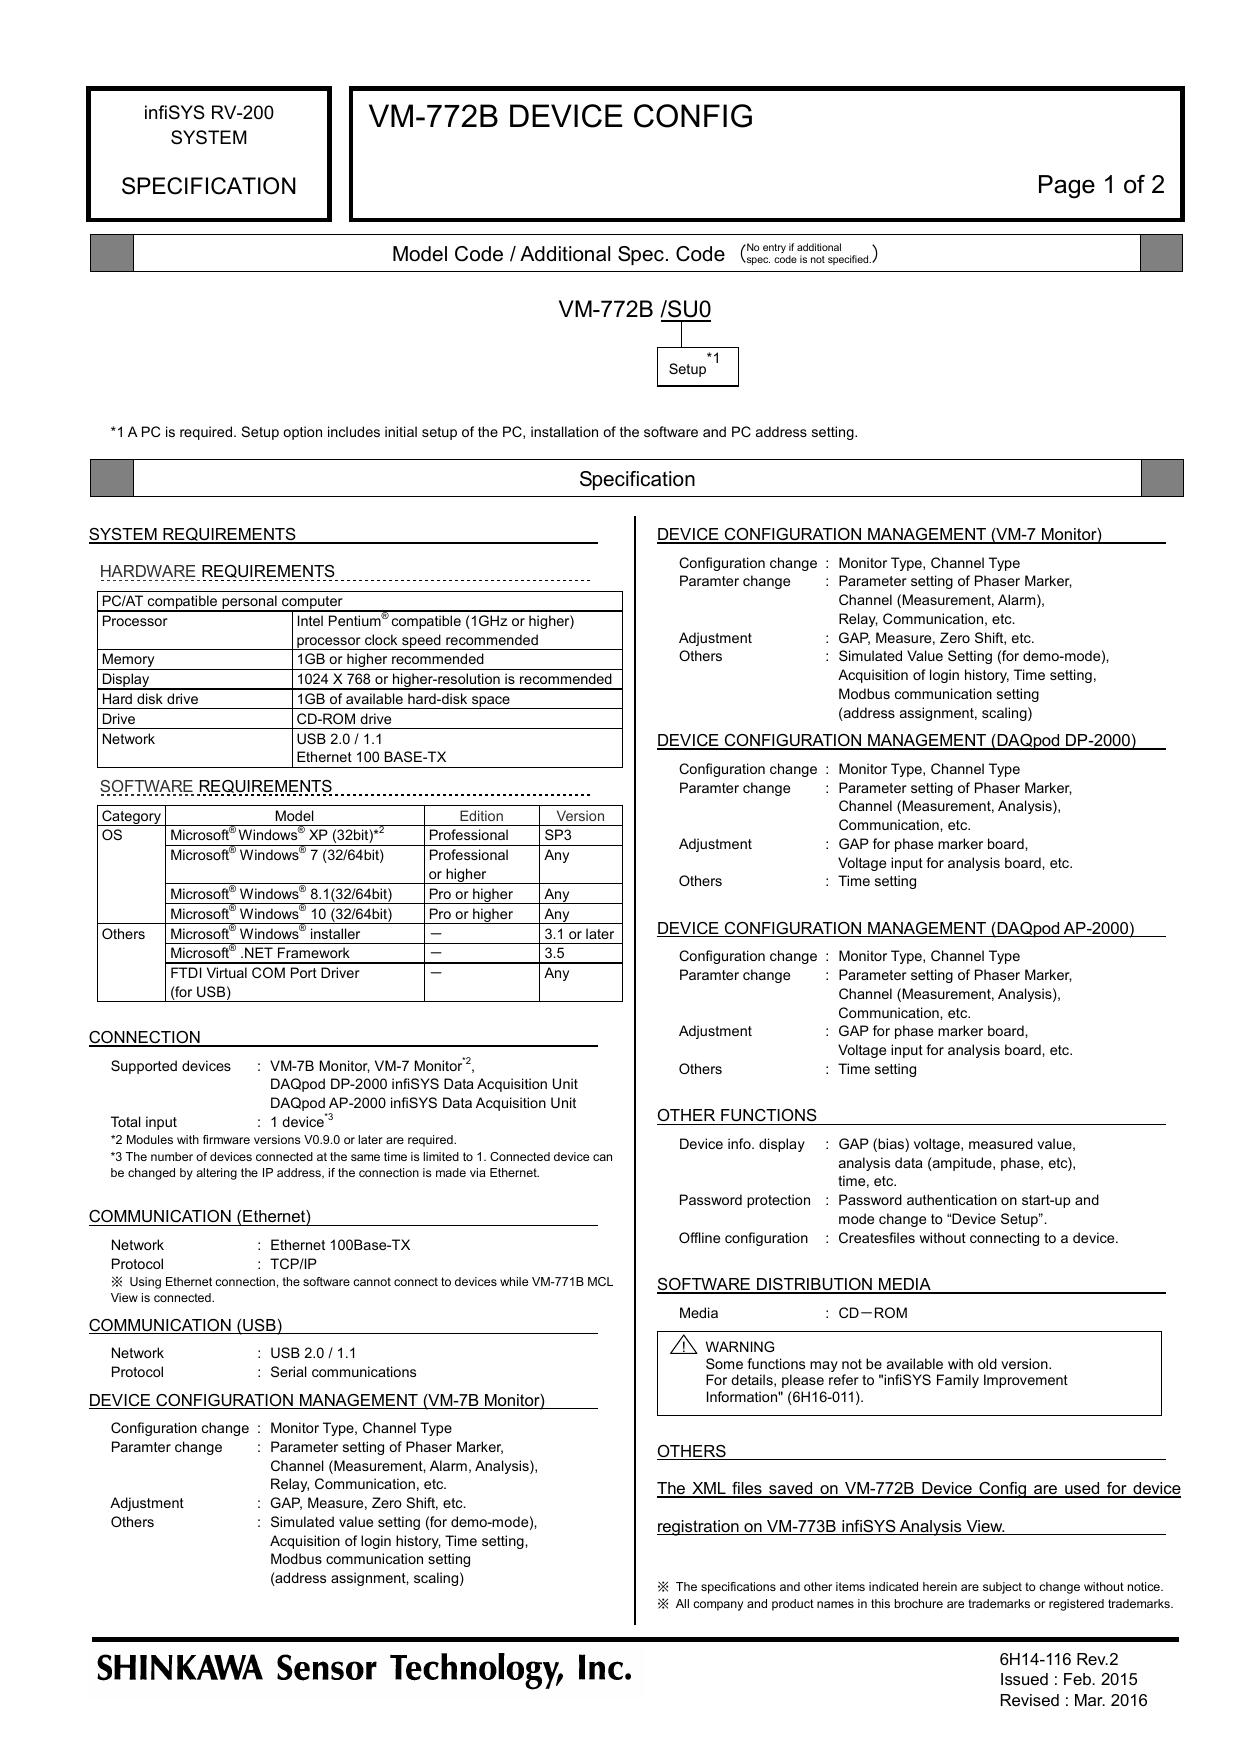 VM-772B DEVICE CONFIG | manualzz com